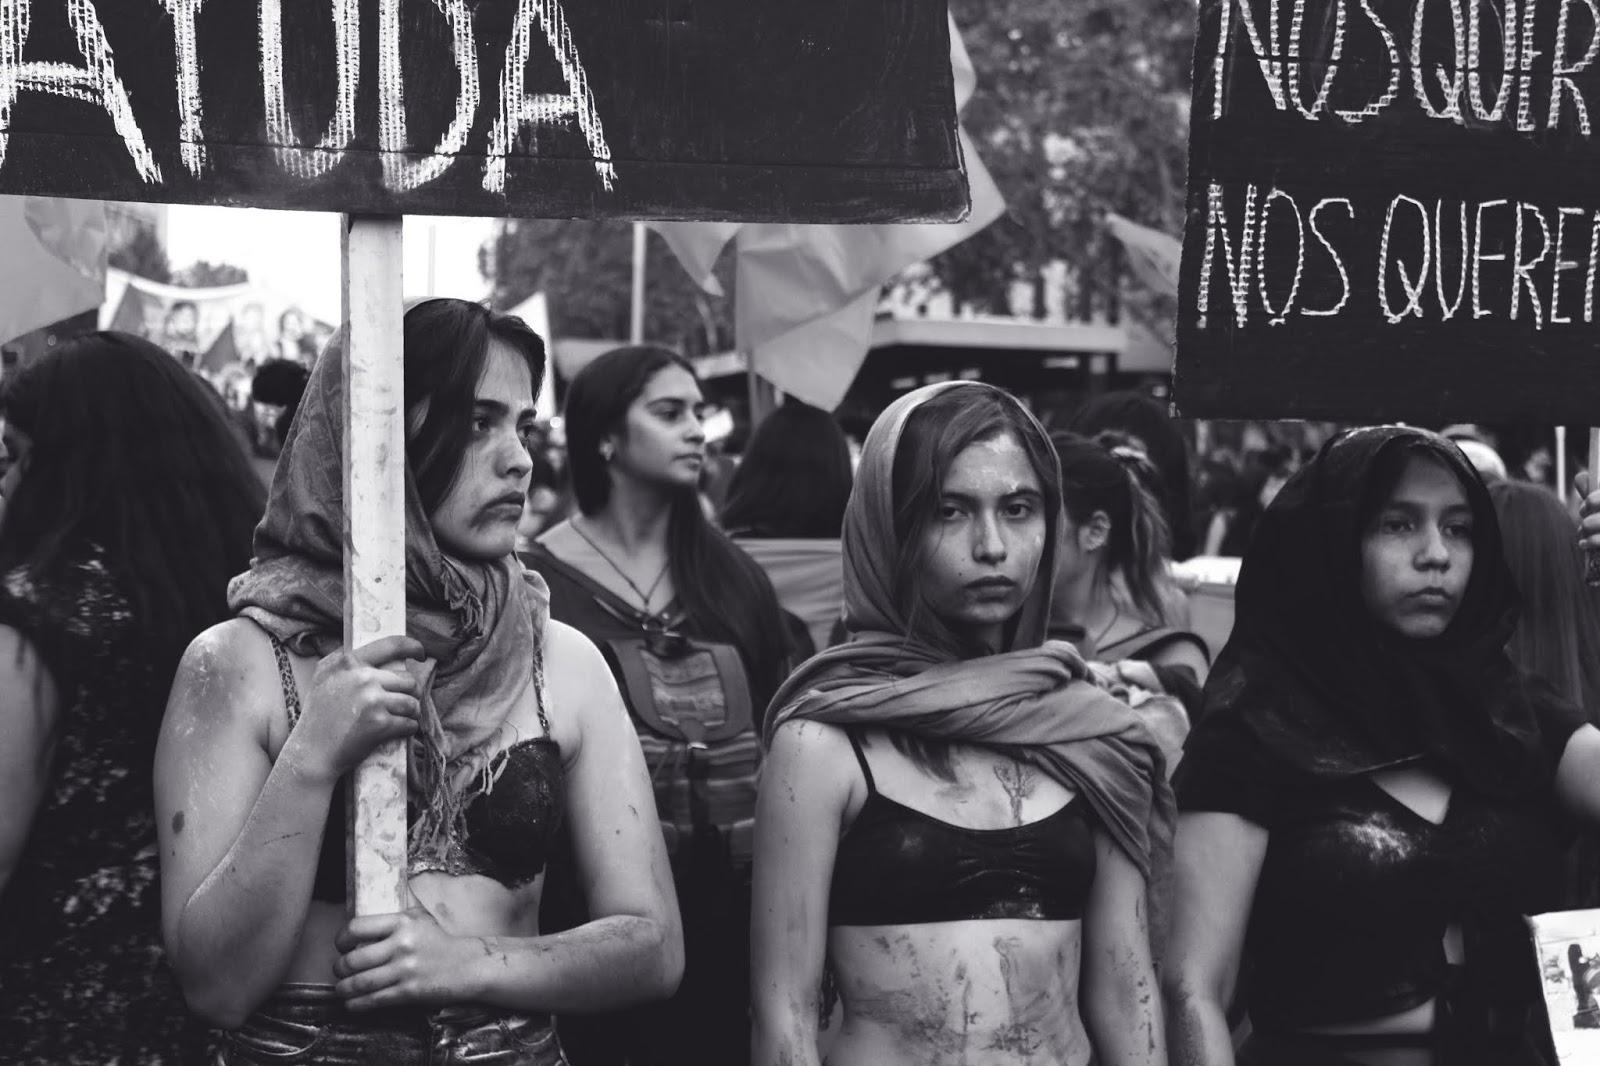 czerń i biel, B&W, feminizm, womanism, nurty ideologiczne